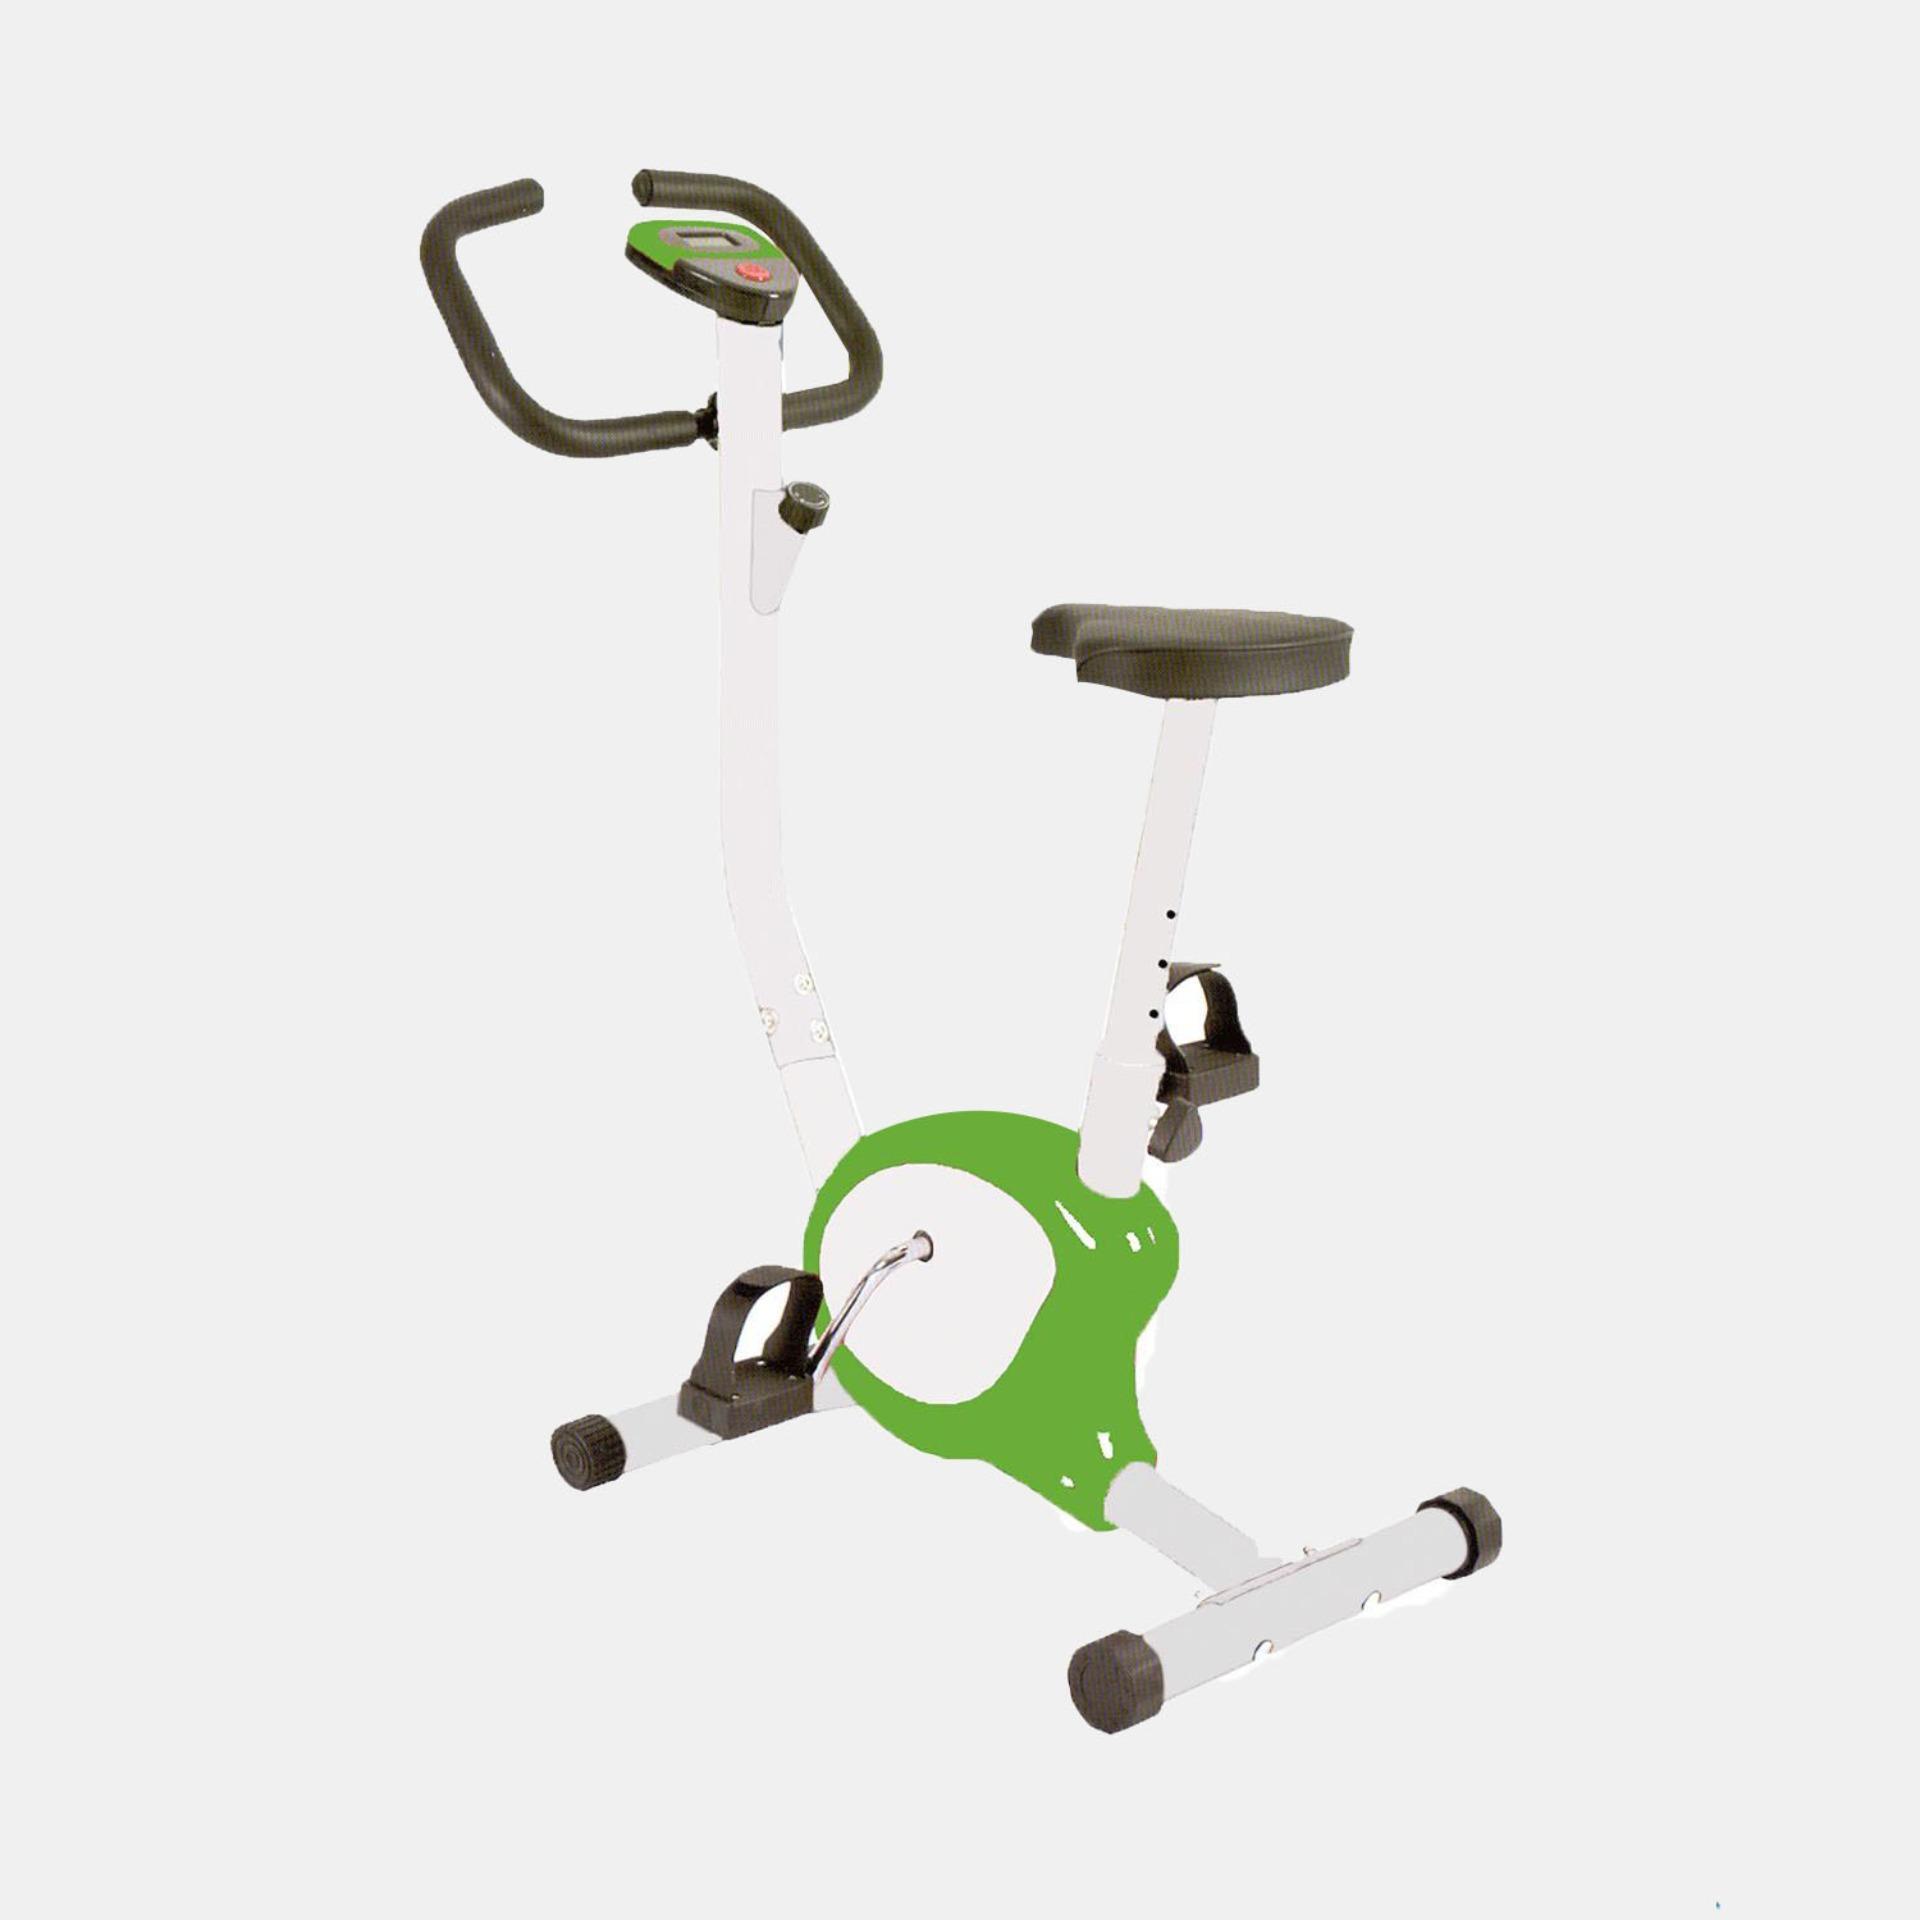 Peralatan Latihan Kardio Terlengkap Jogging Plate Magnetic Trimmer Alat Olahraga Portable